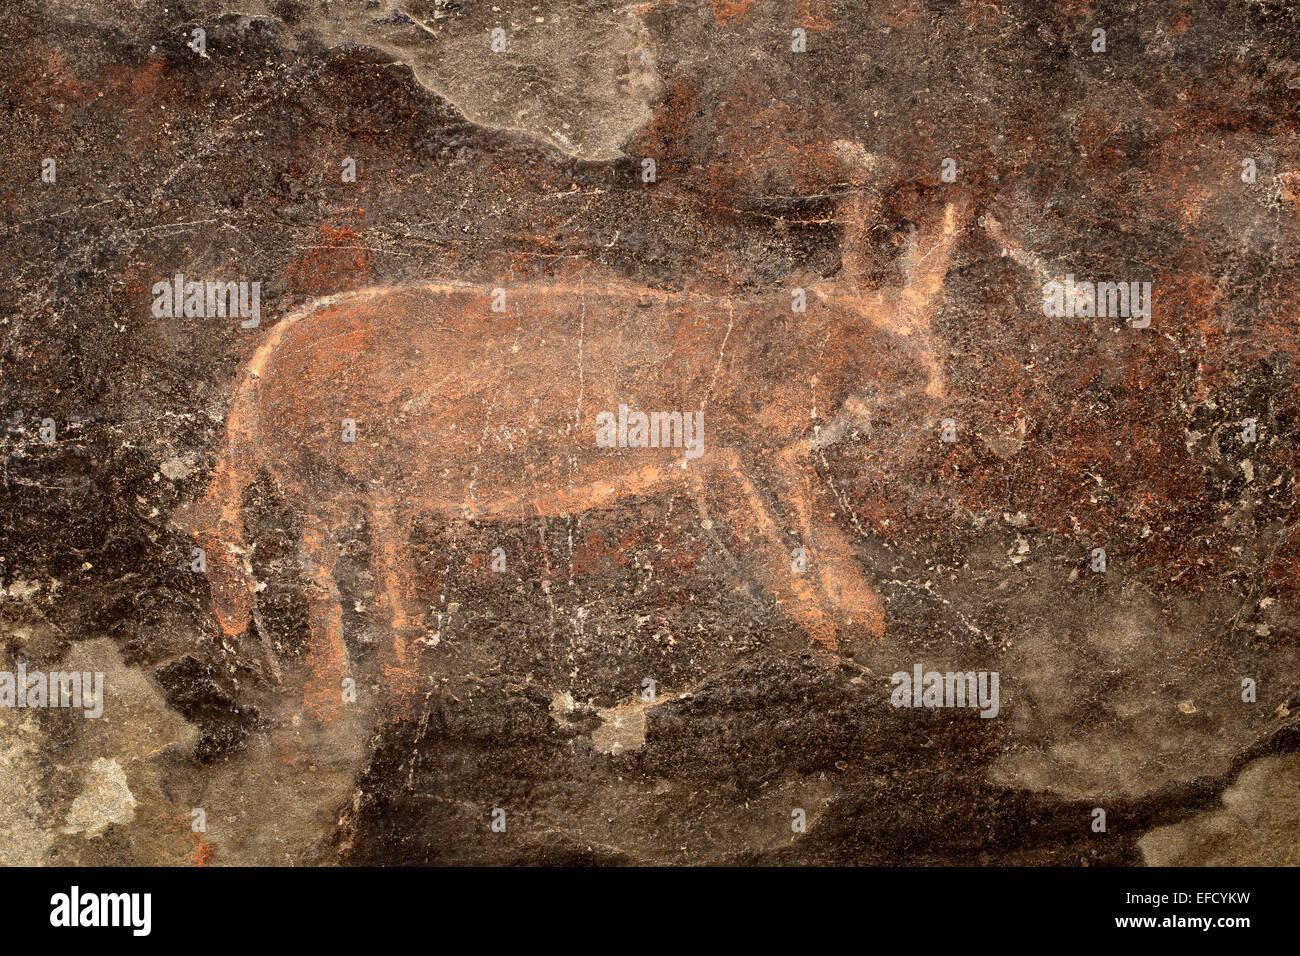 Bushmen (san) rock painting of an antelope, Karoo region, South Africa - Stock Image